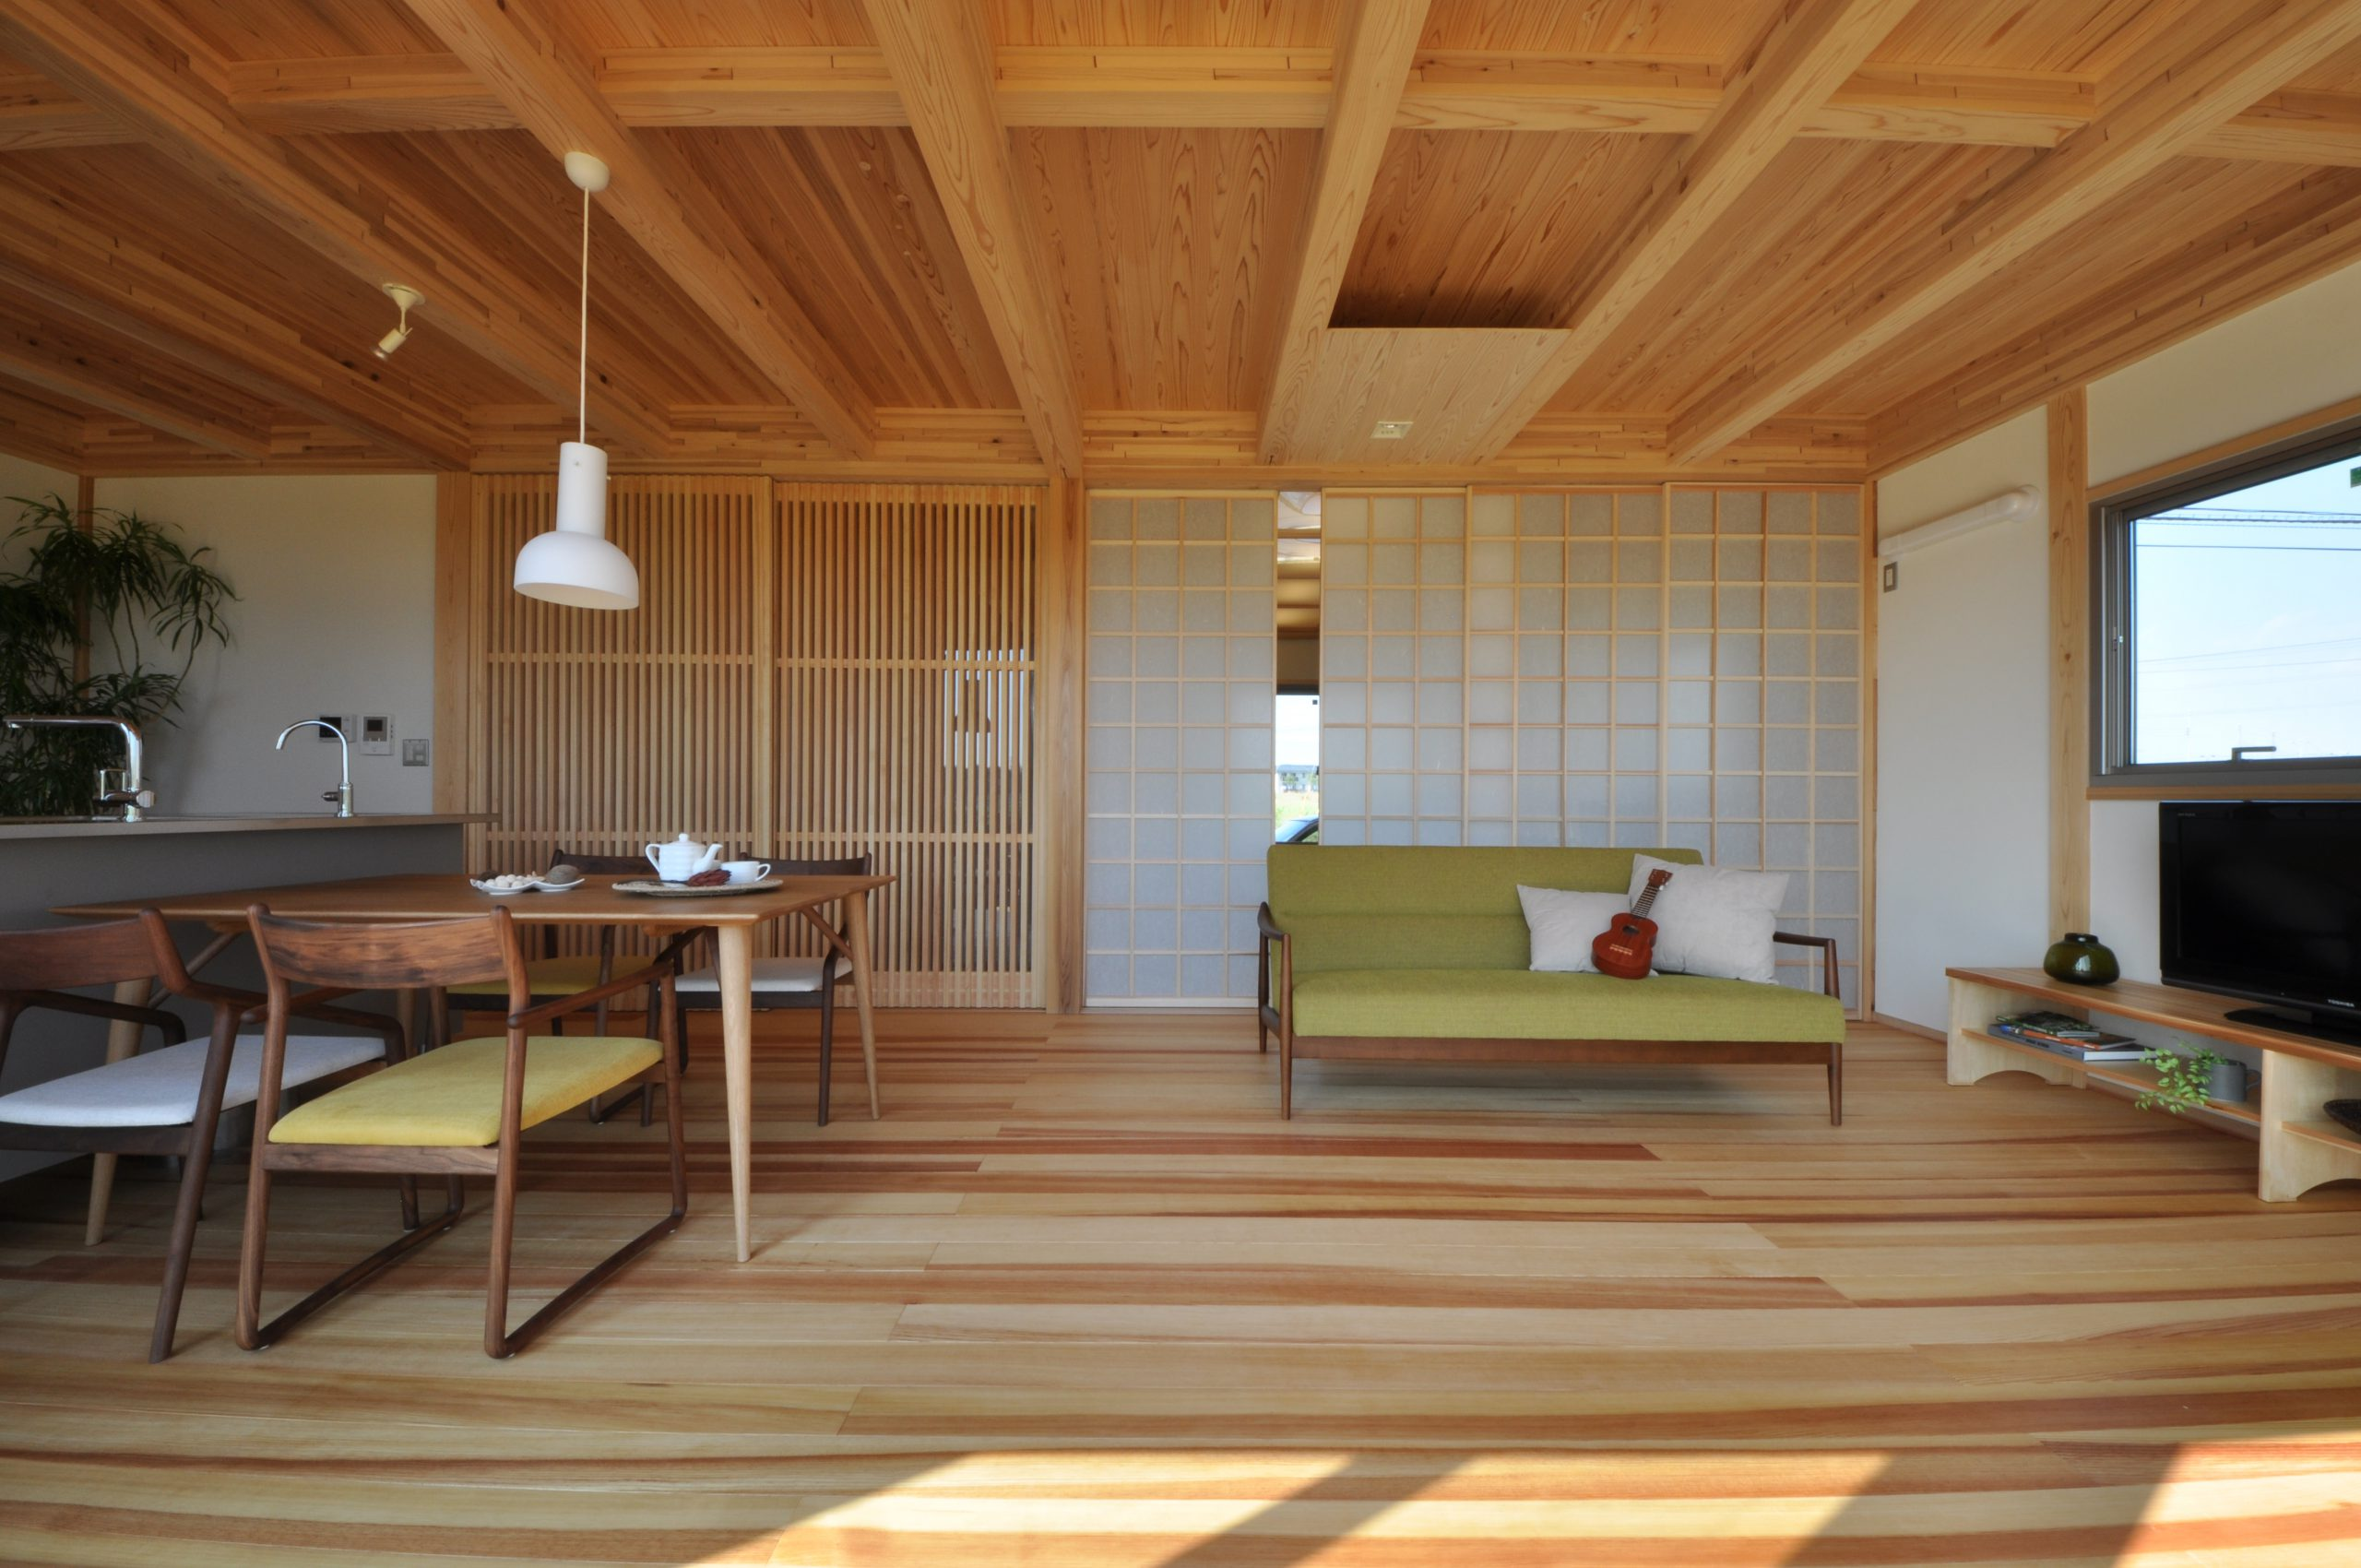 無垢材をふんだんに使い、光と風の通り道もデザインした快適なリビングの建築実例:天井の無垢材のラインと引き戸の格子が美しい